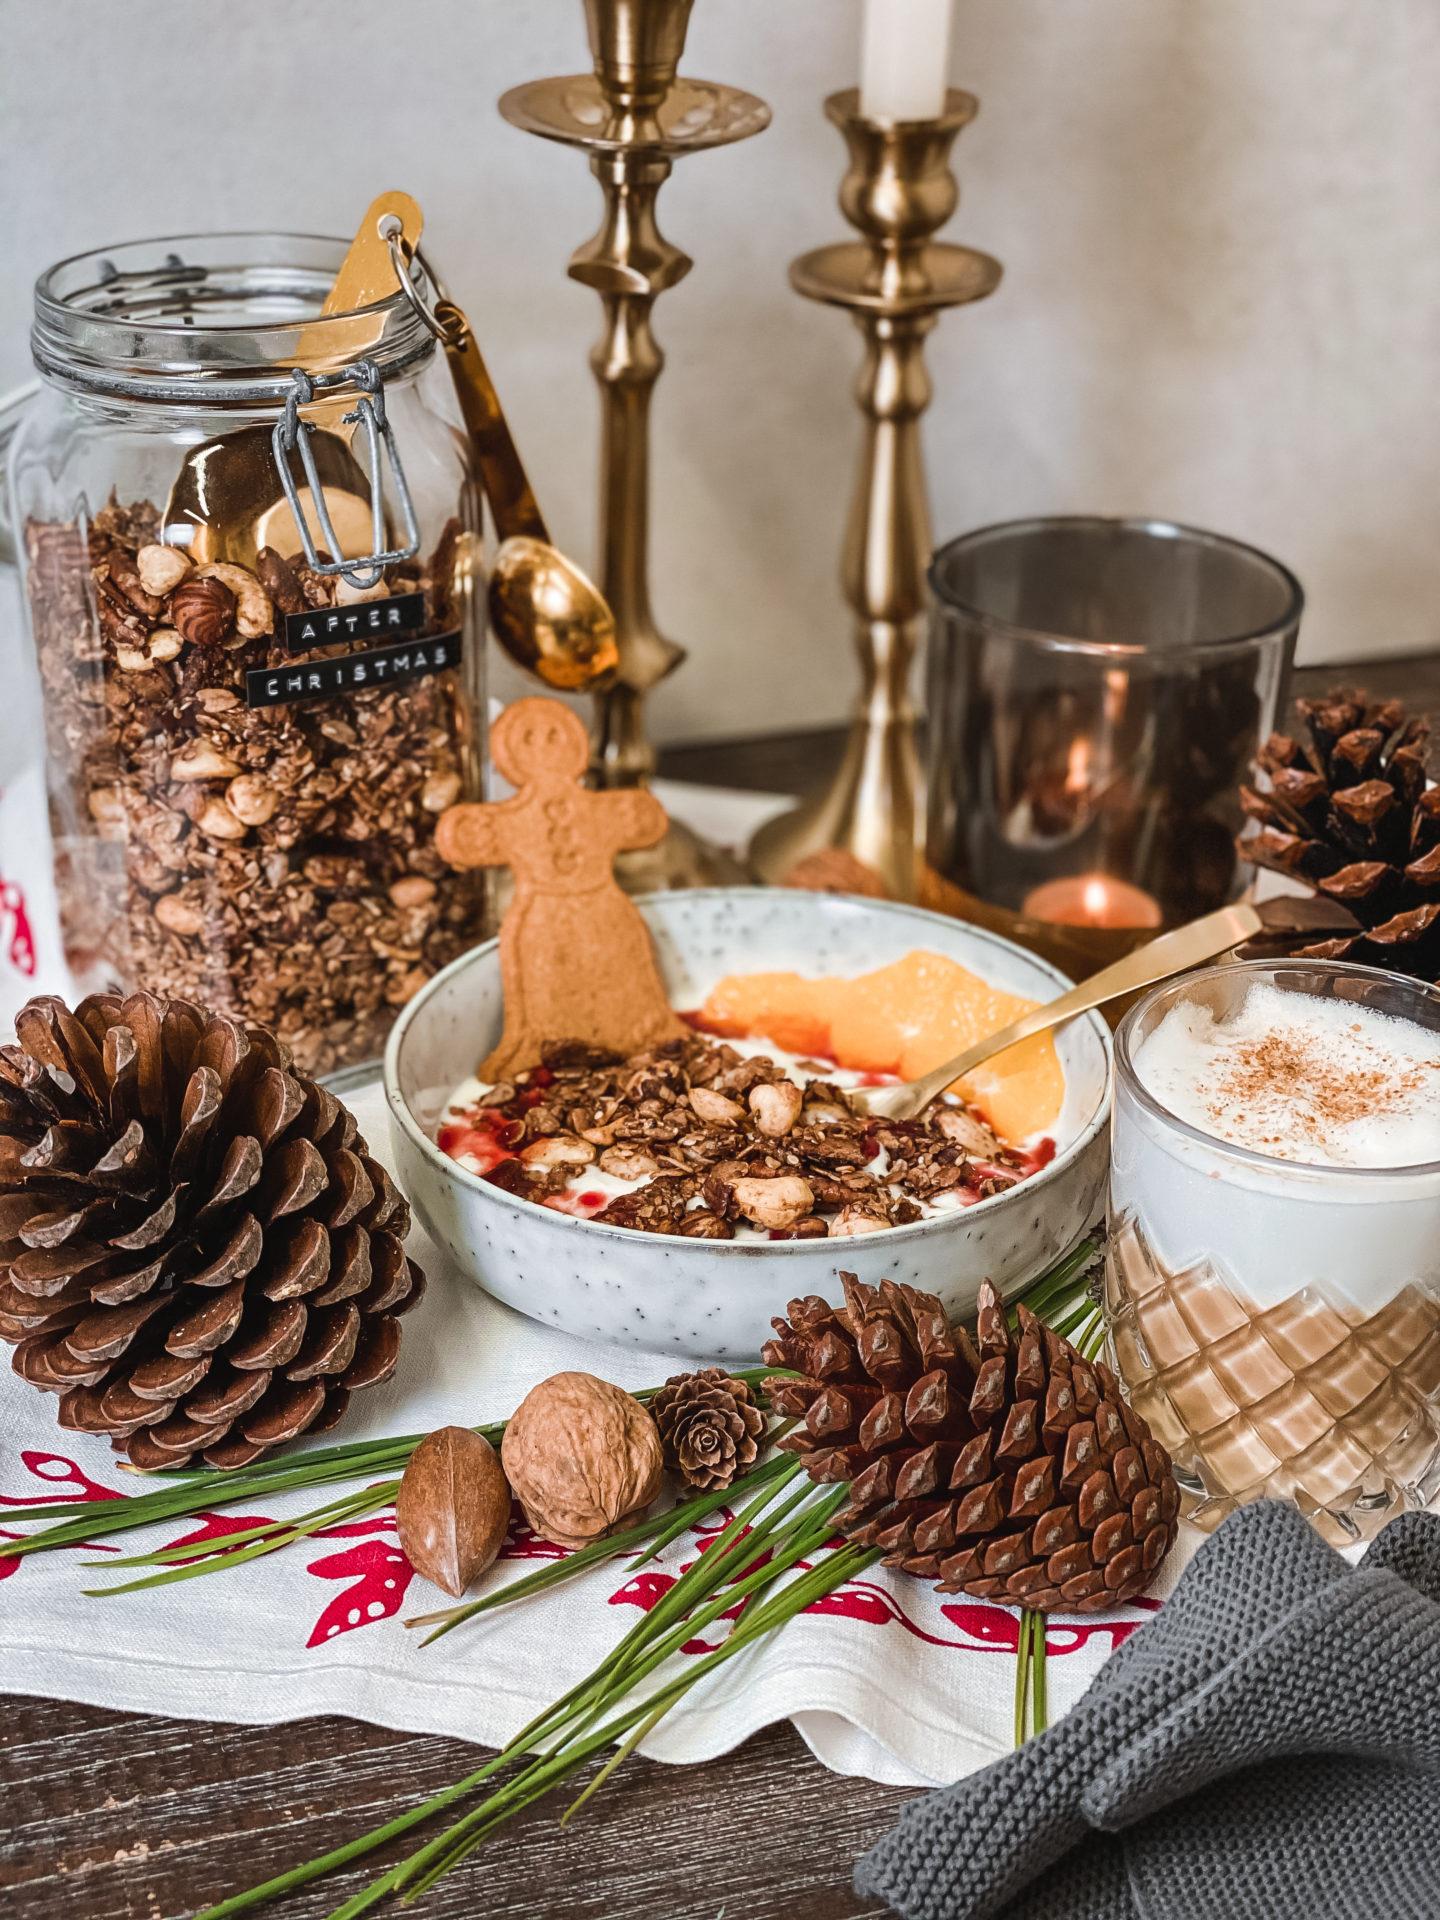 FOOD | After Christmas Granola: Verwertung von Lebkuchen und Spekulatius damit nichts im Müll landet #againstfoodwaste 2